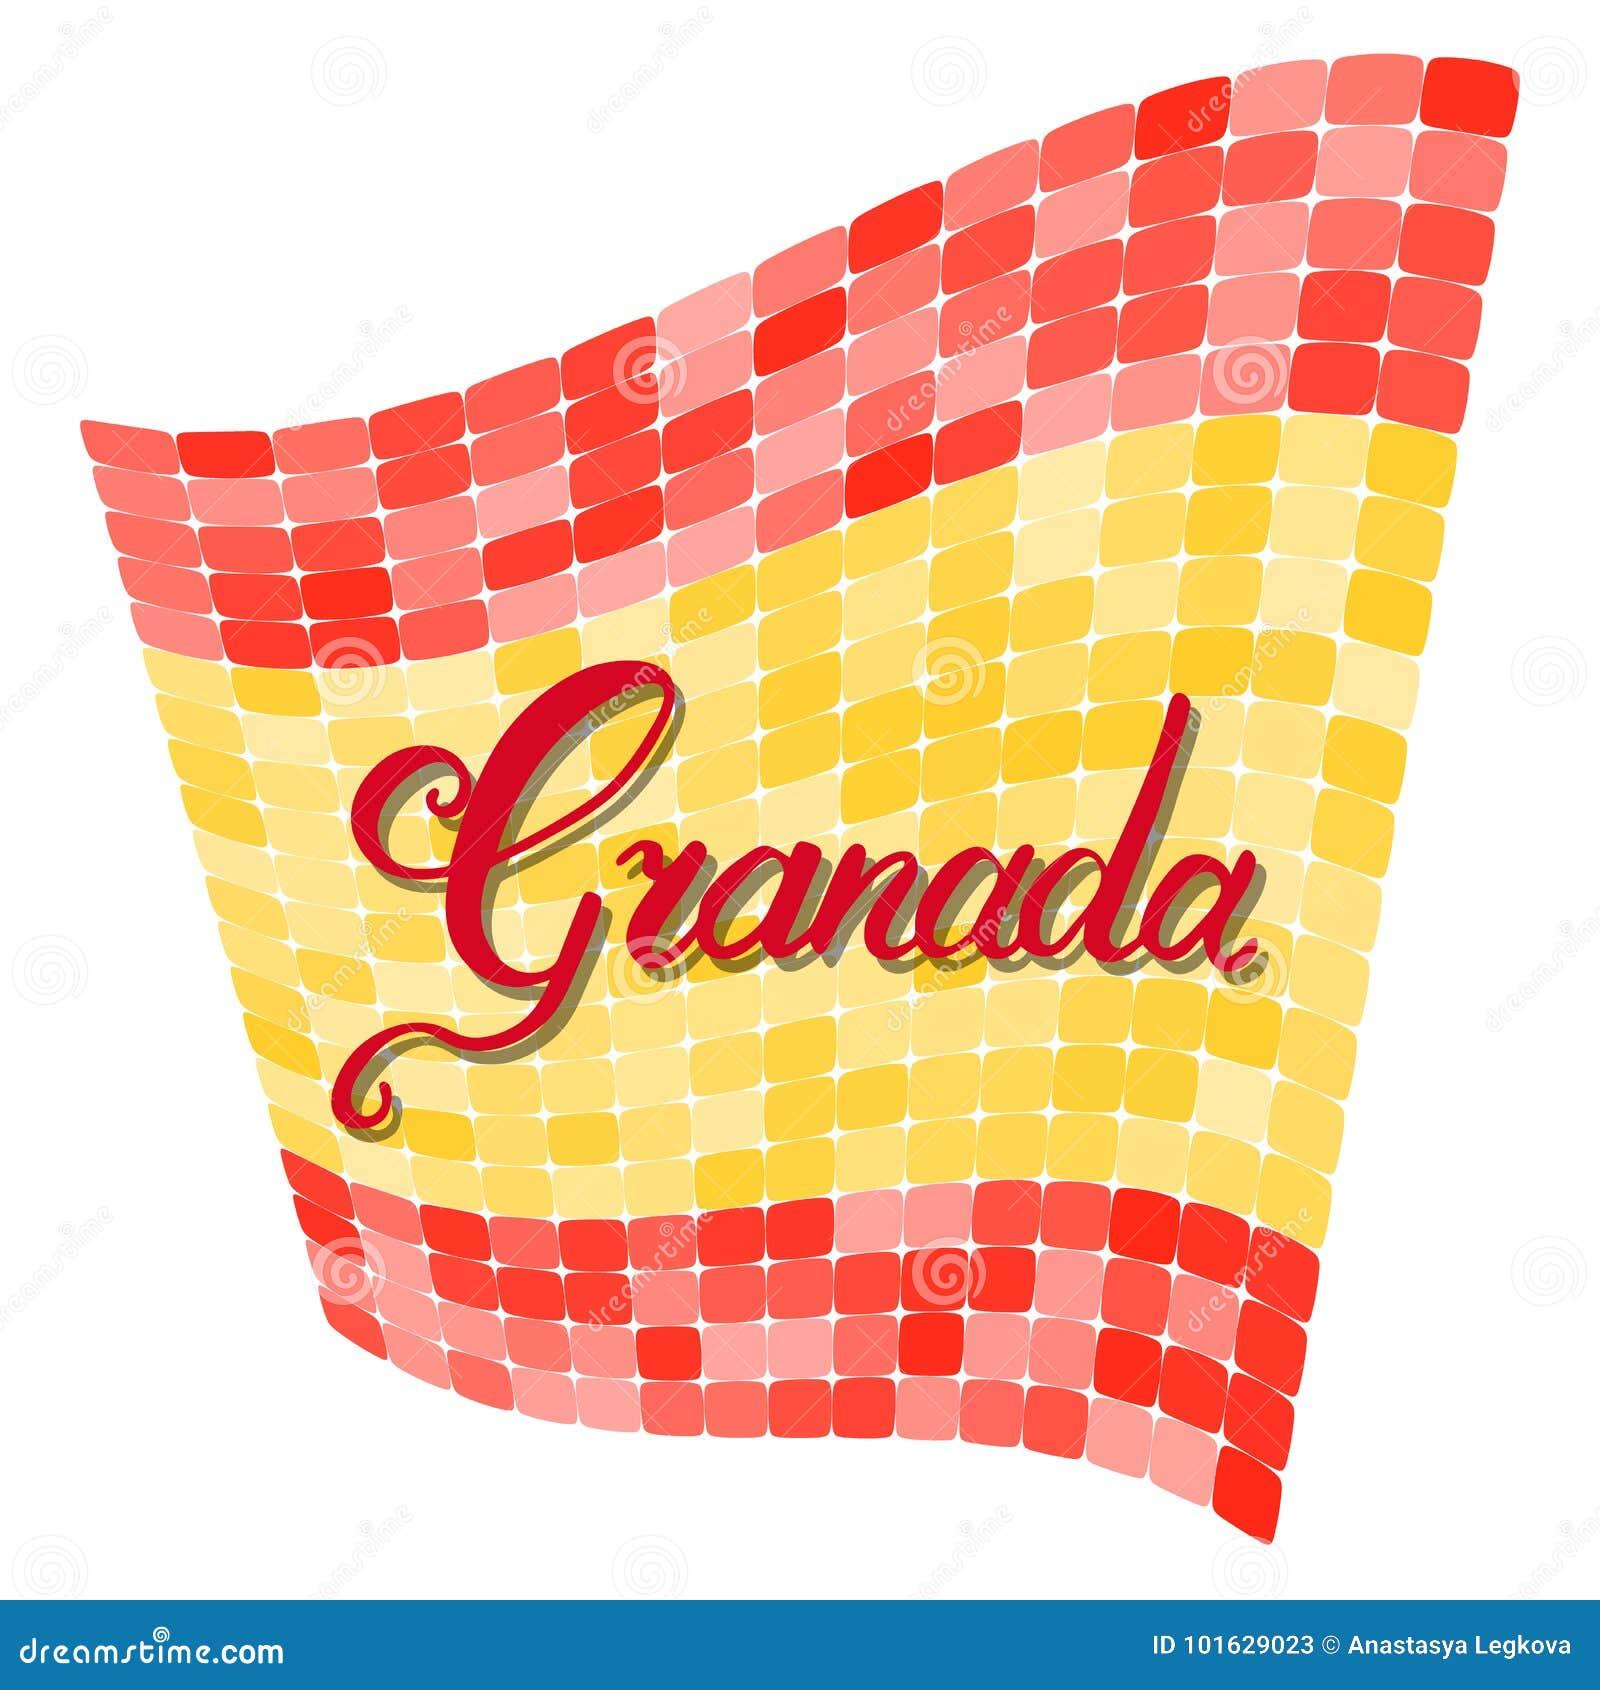 Granada-Handbeschriftung